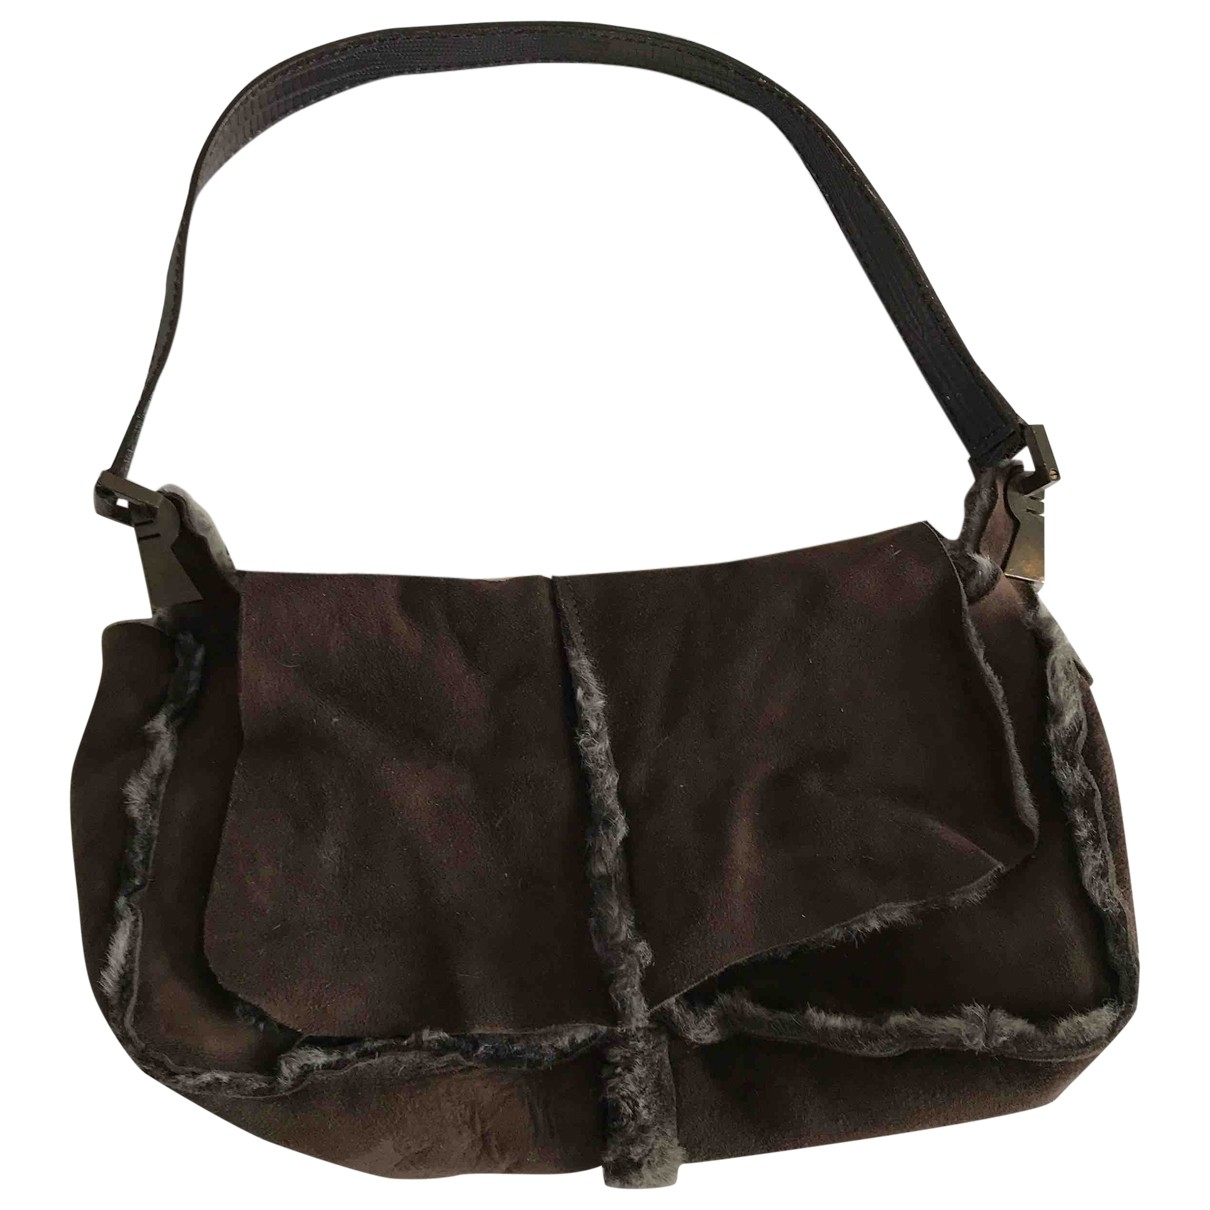 Fratelli Rossetti \N Handtasche in  Braun Veloursleder